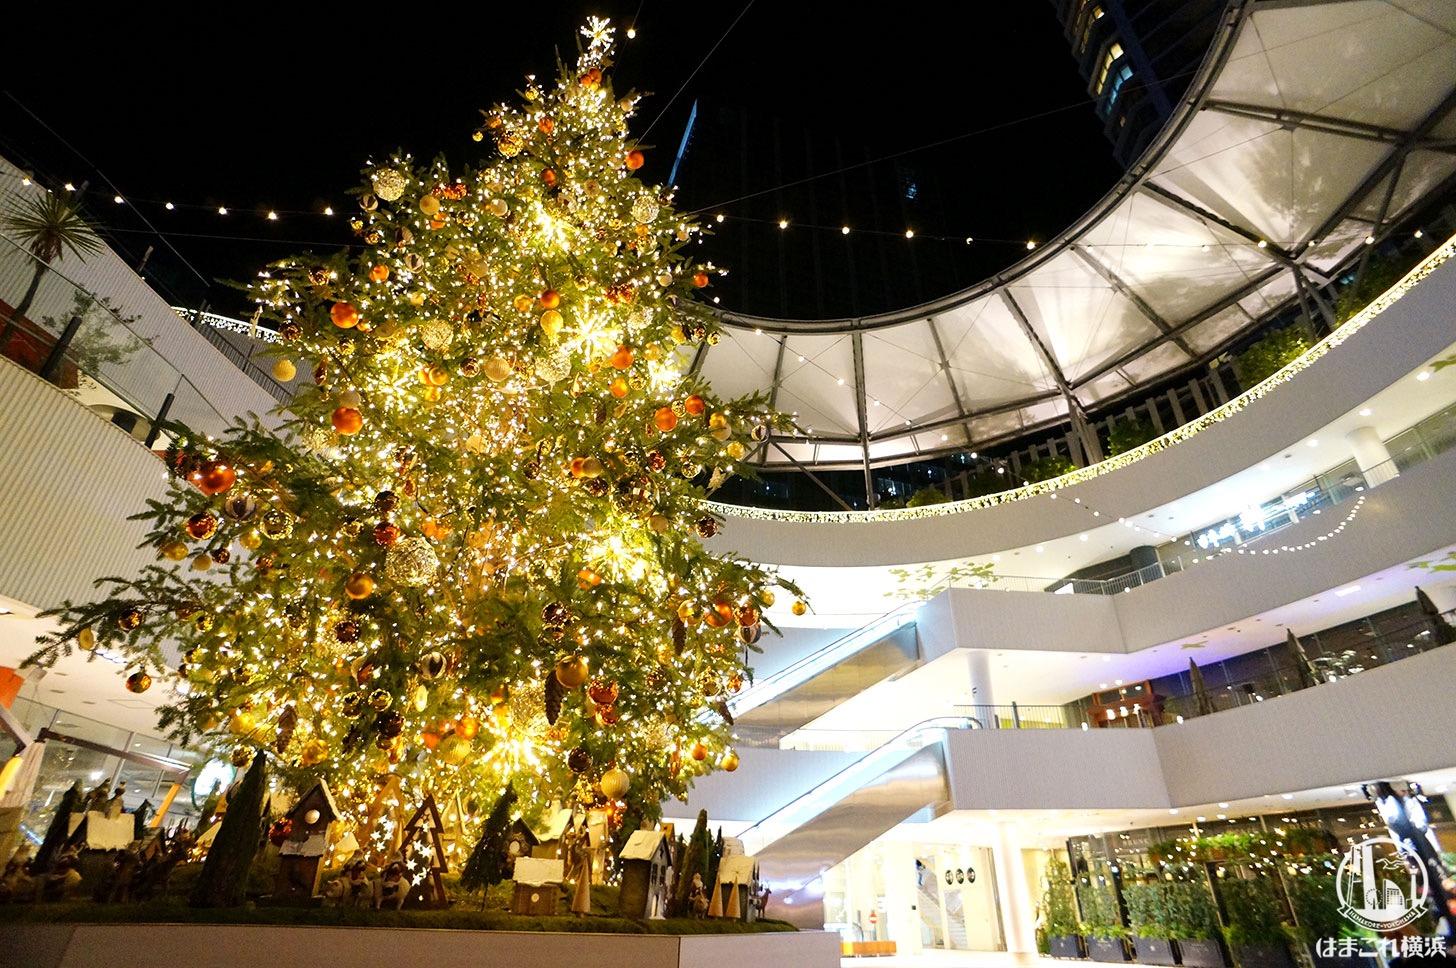 横浜ベイクォーター屋上のクリスマスイルミネーションがお洒落可愛い!クリスマスツリーも